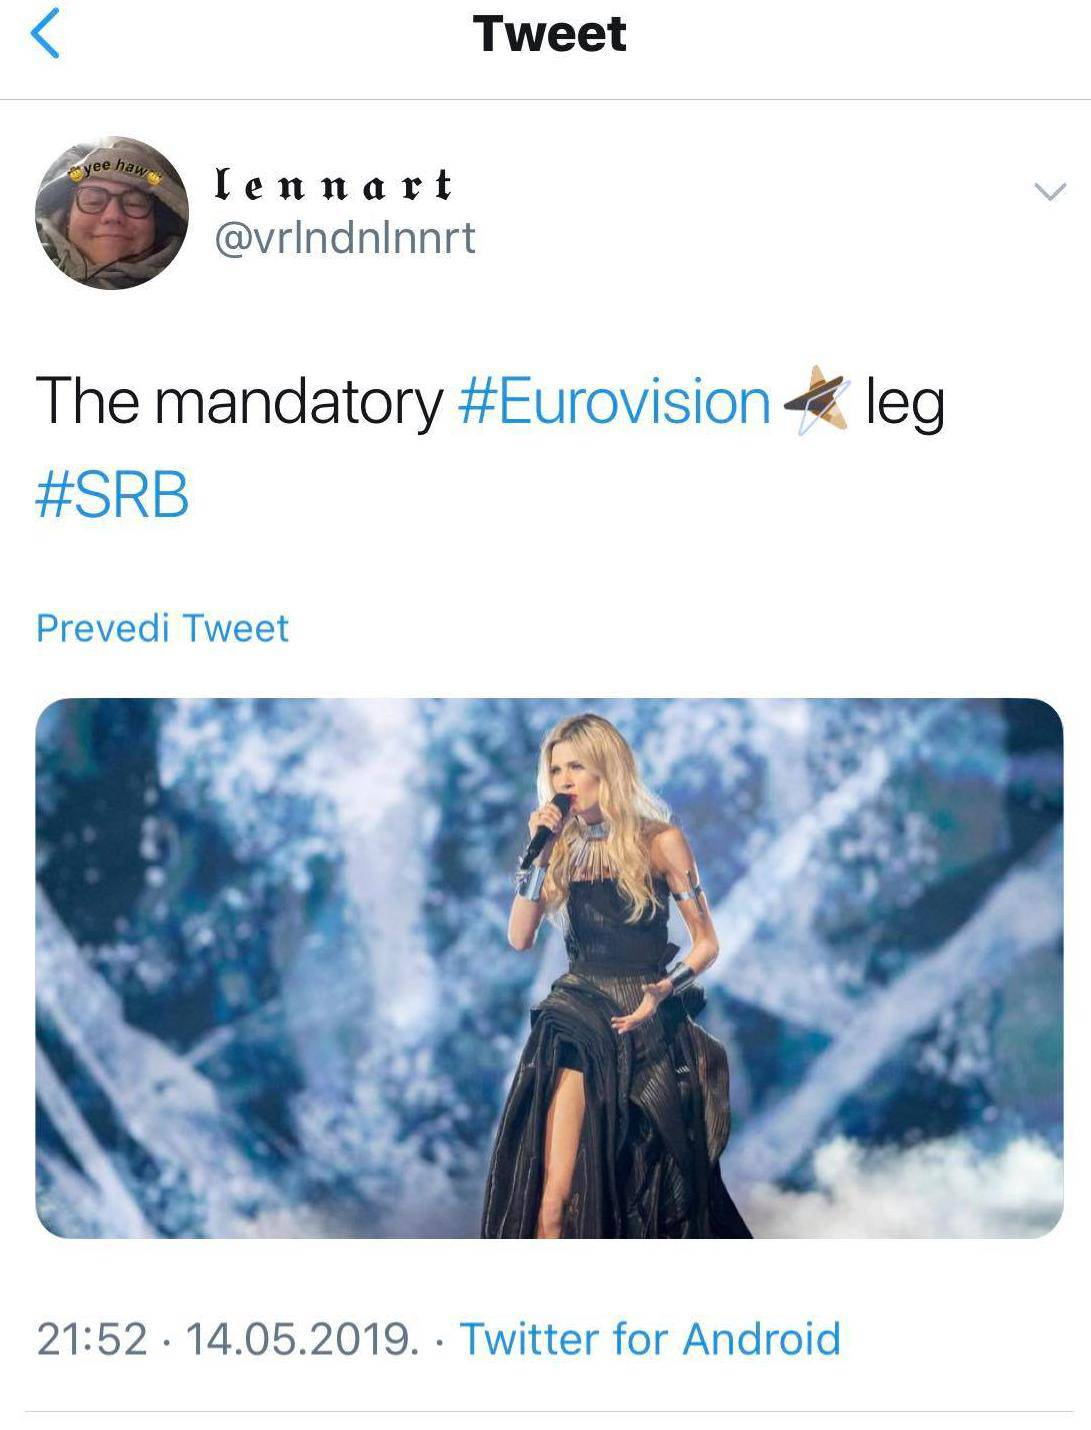 Srpsku predstavnicu sprdali da je izbacila nogu poput Angeline